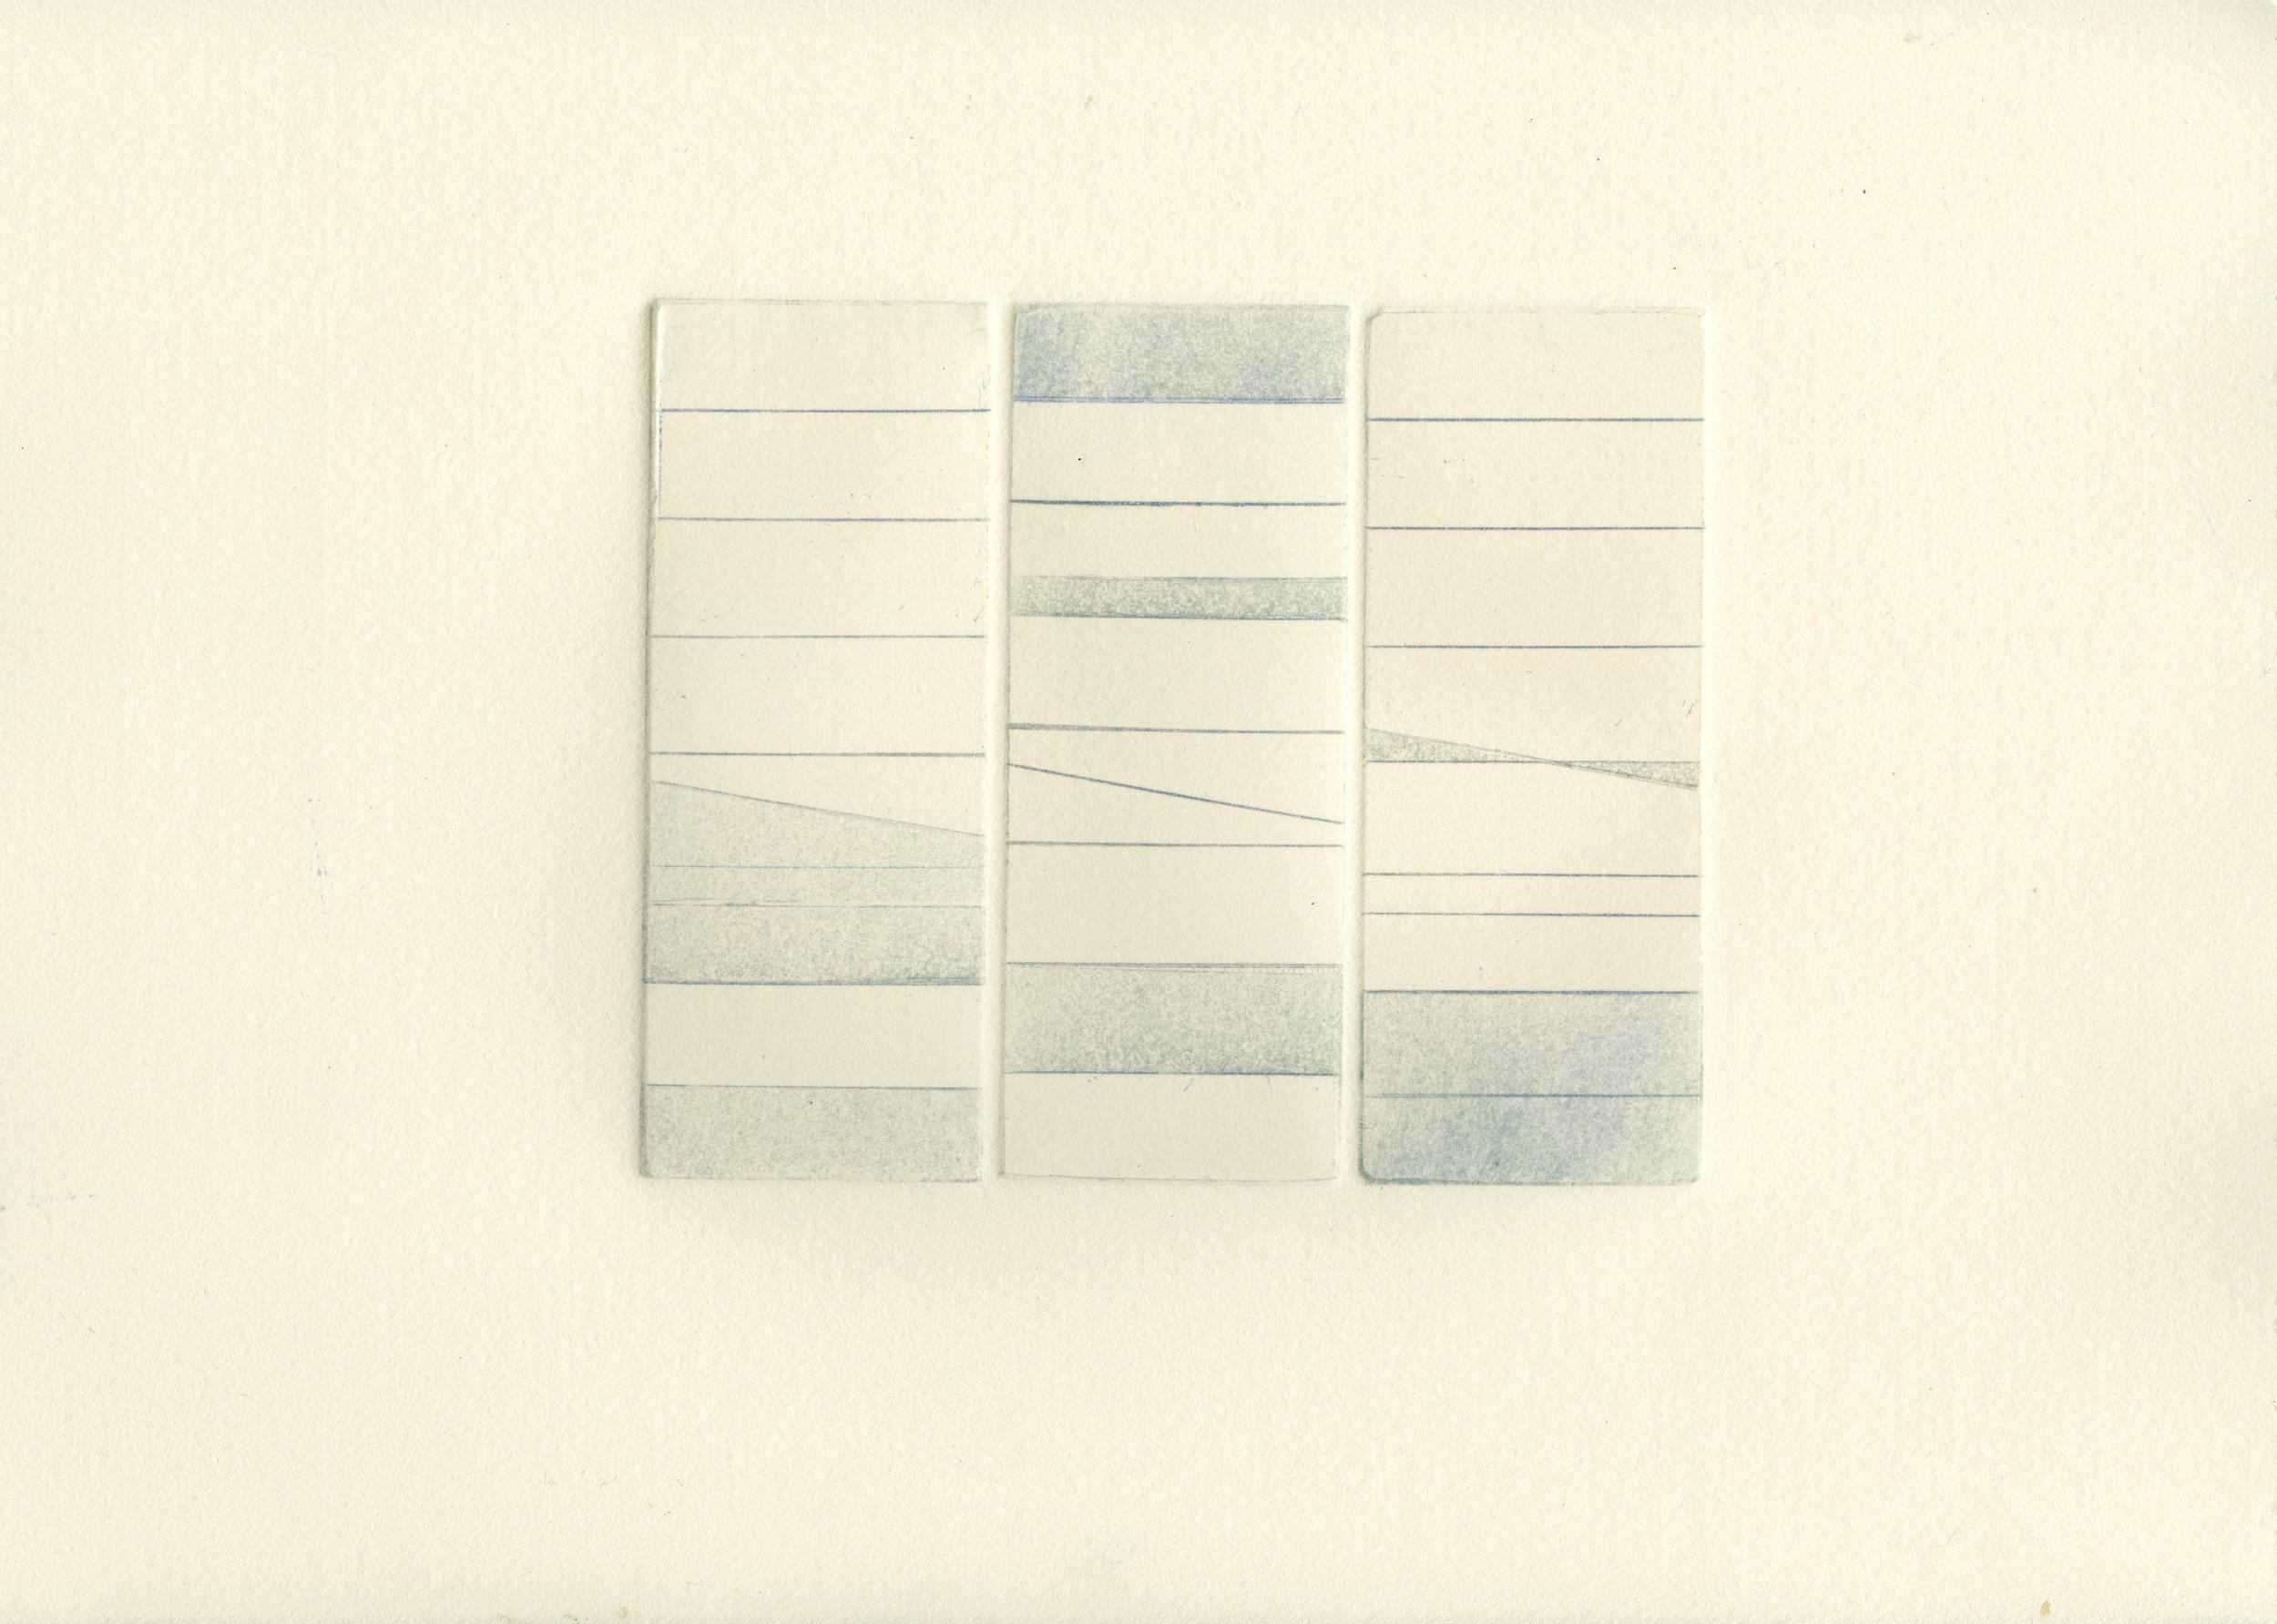 rectangle007.jpg